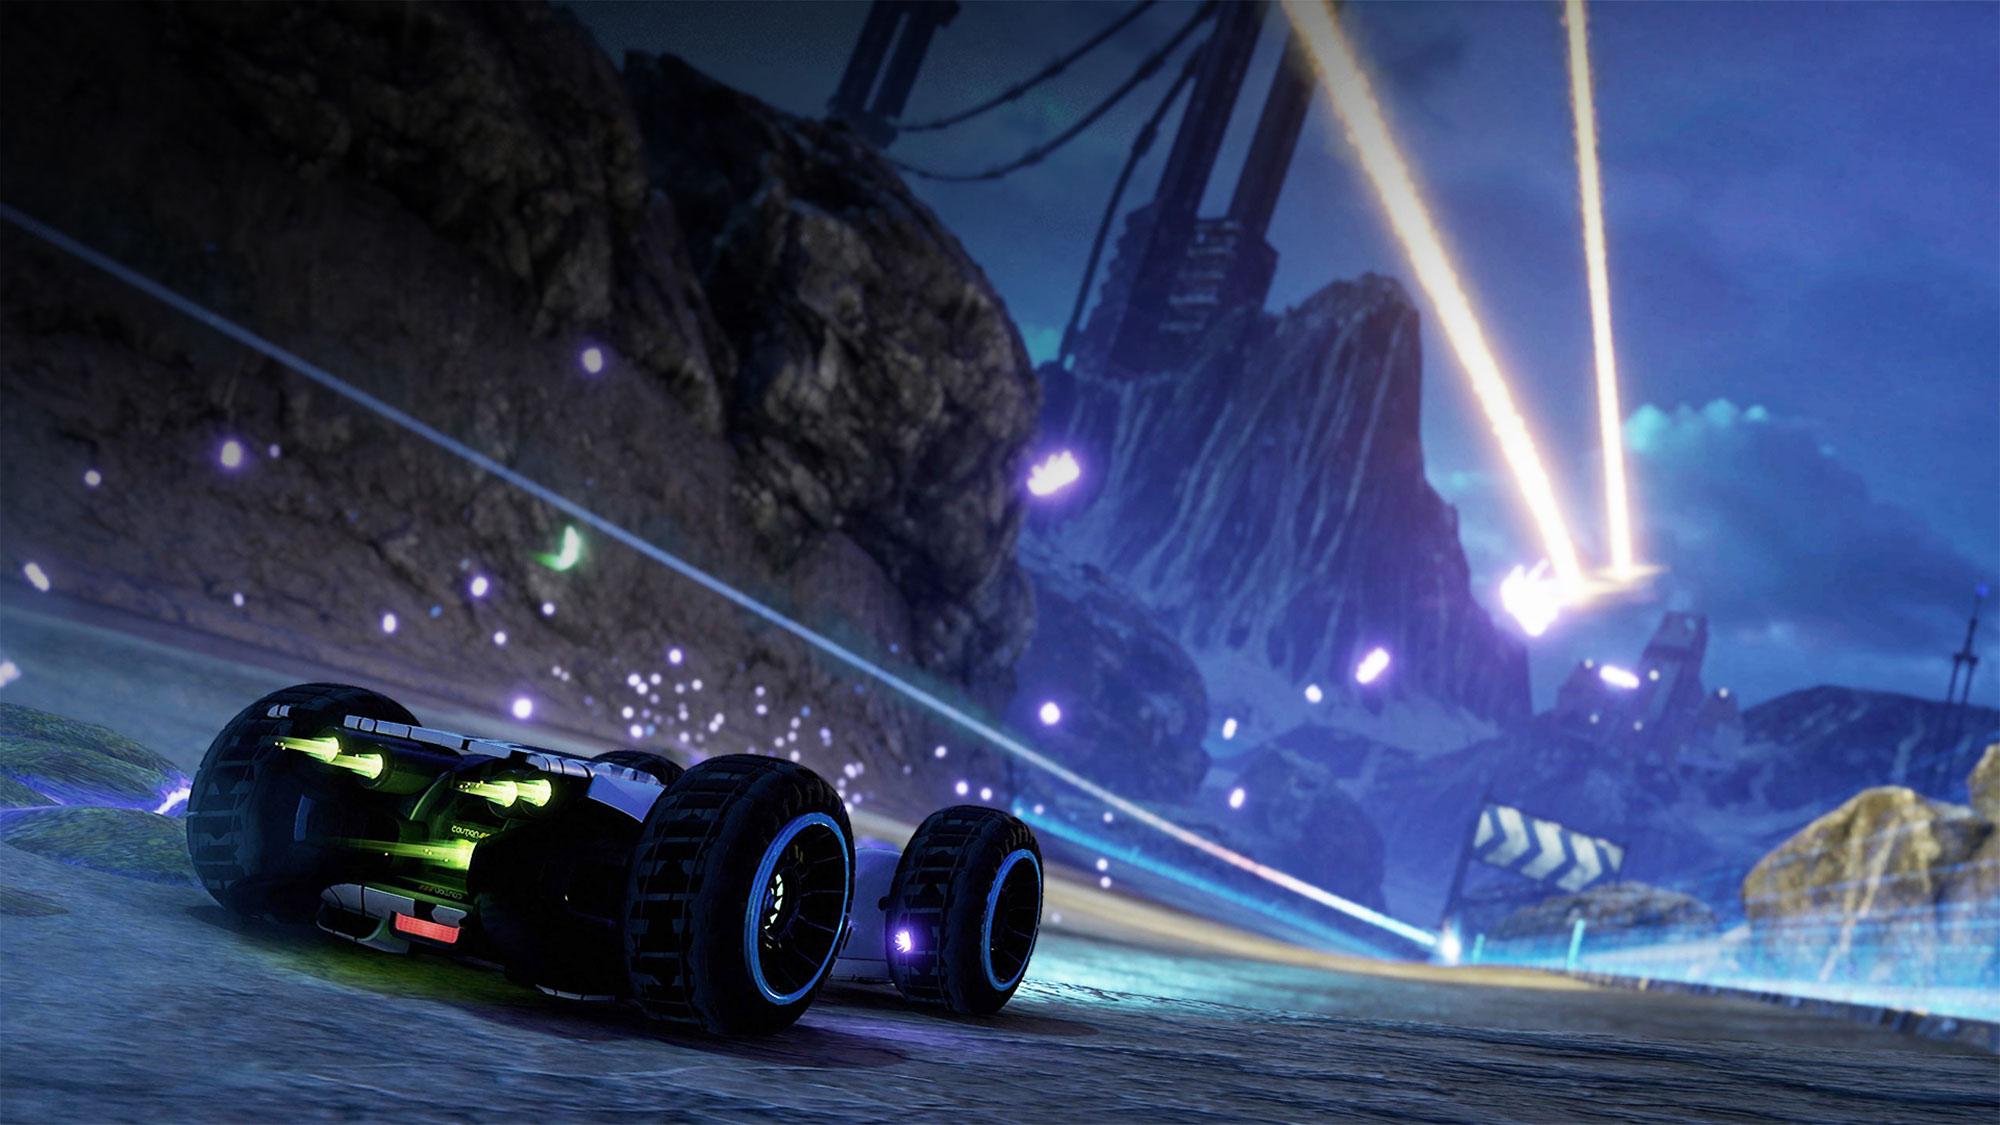 GRIP - Combat Racing Game